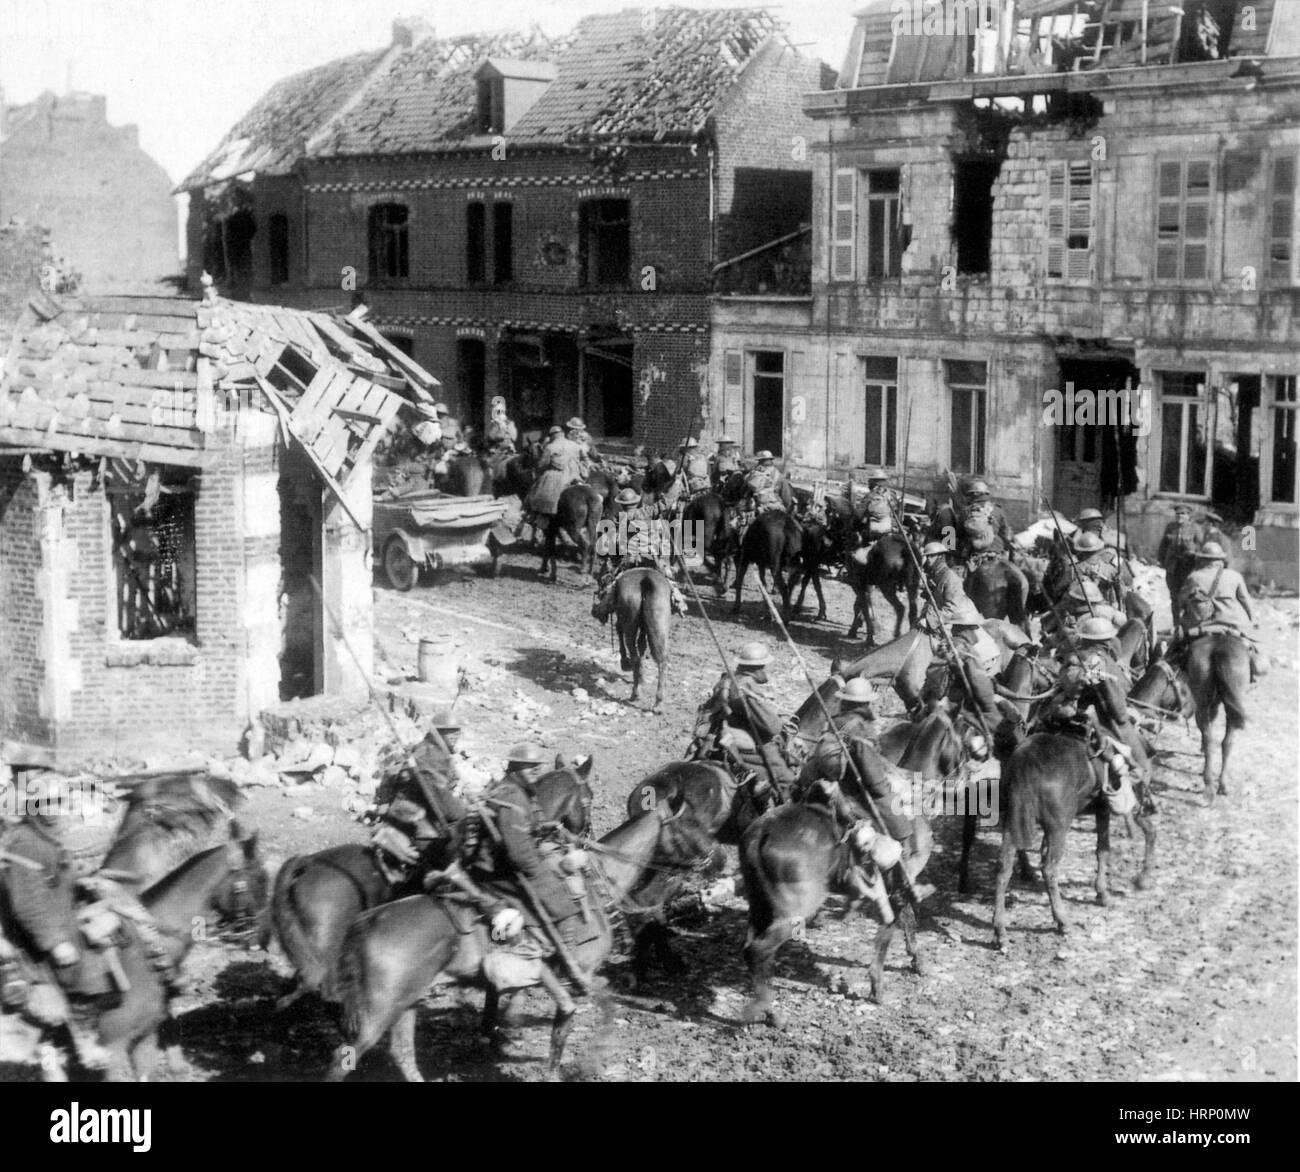 WWI, British Cavalry Regiment, 1914 - Stock Image